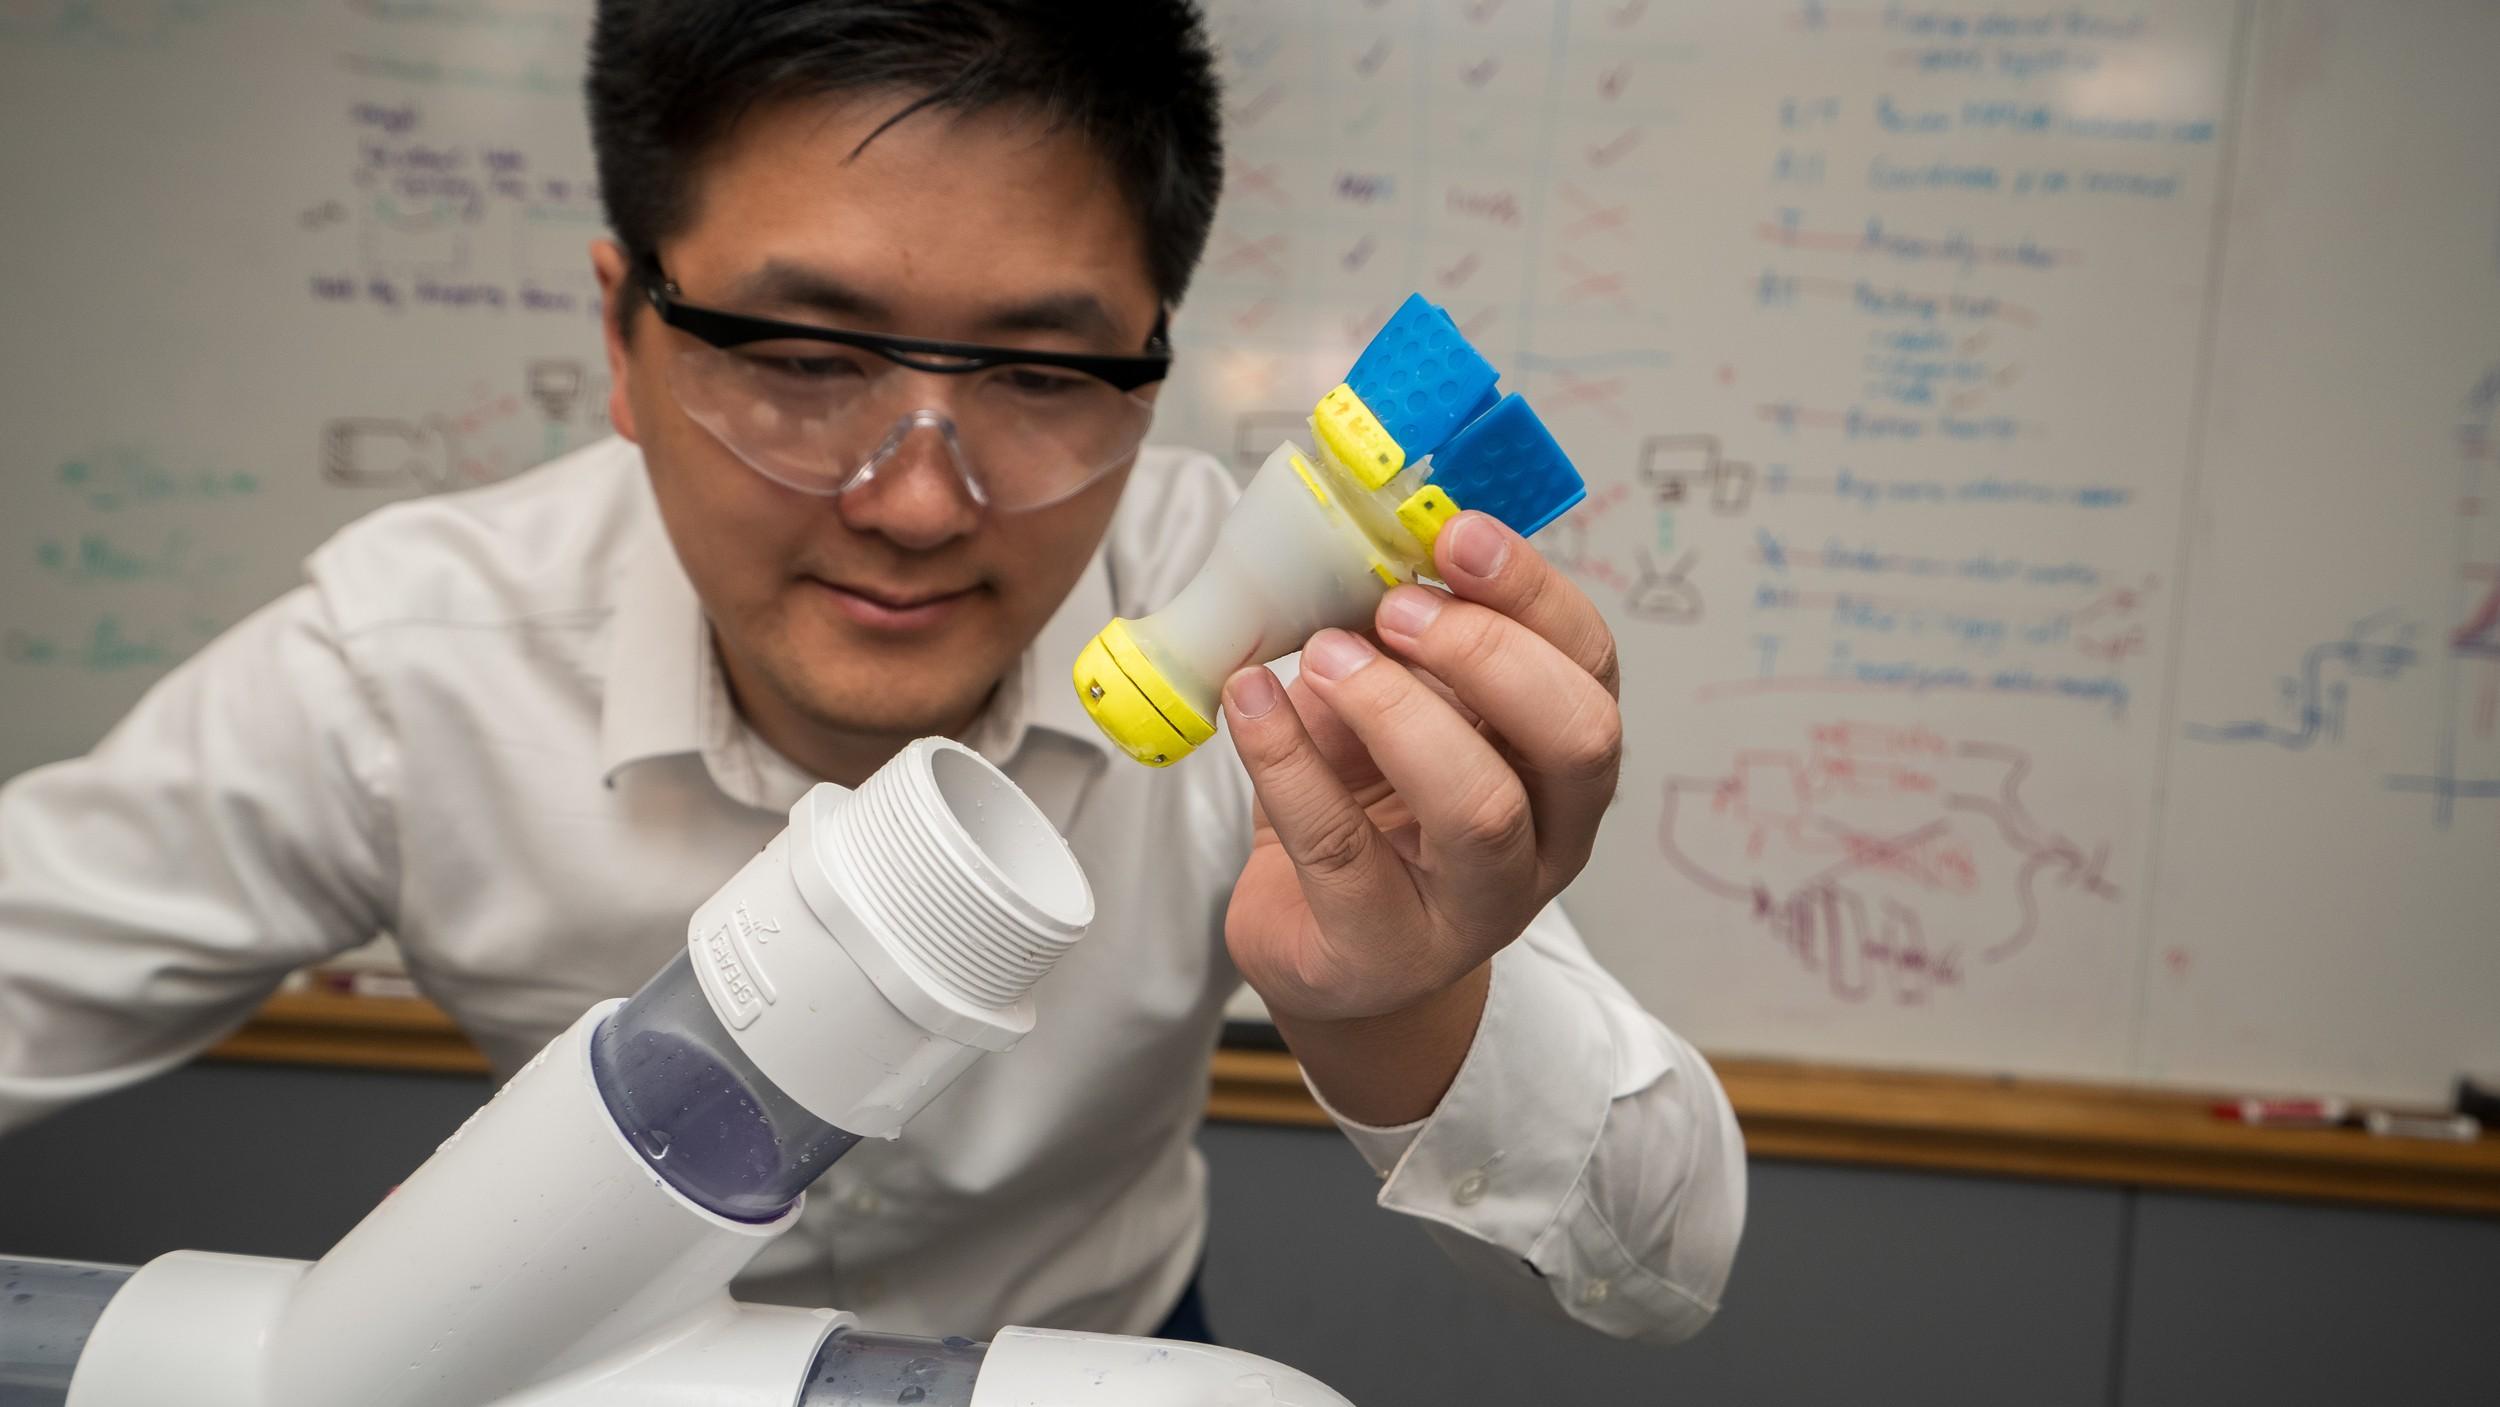 You Wu, engenheiro chinês considerado uma das pessoas com menos de 30 anos mais promissoras no campo da indústria. (Foto: via Business Insider)